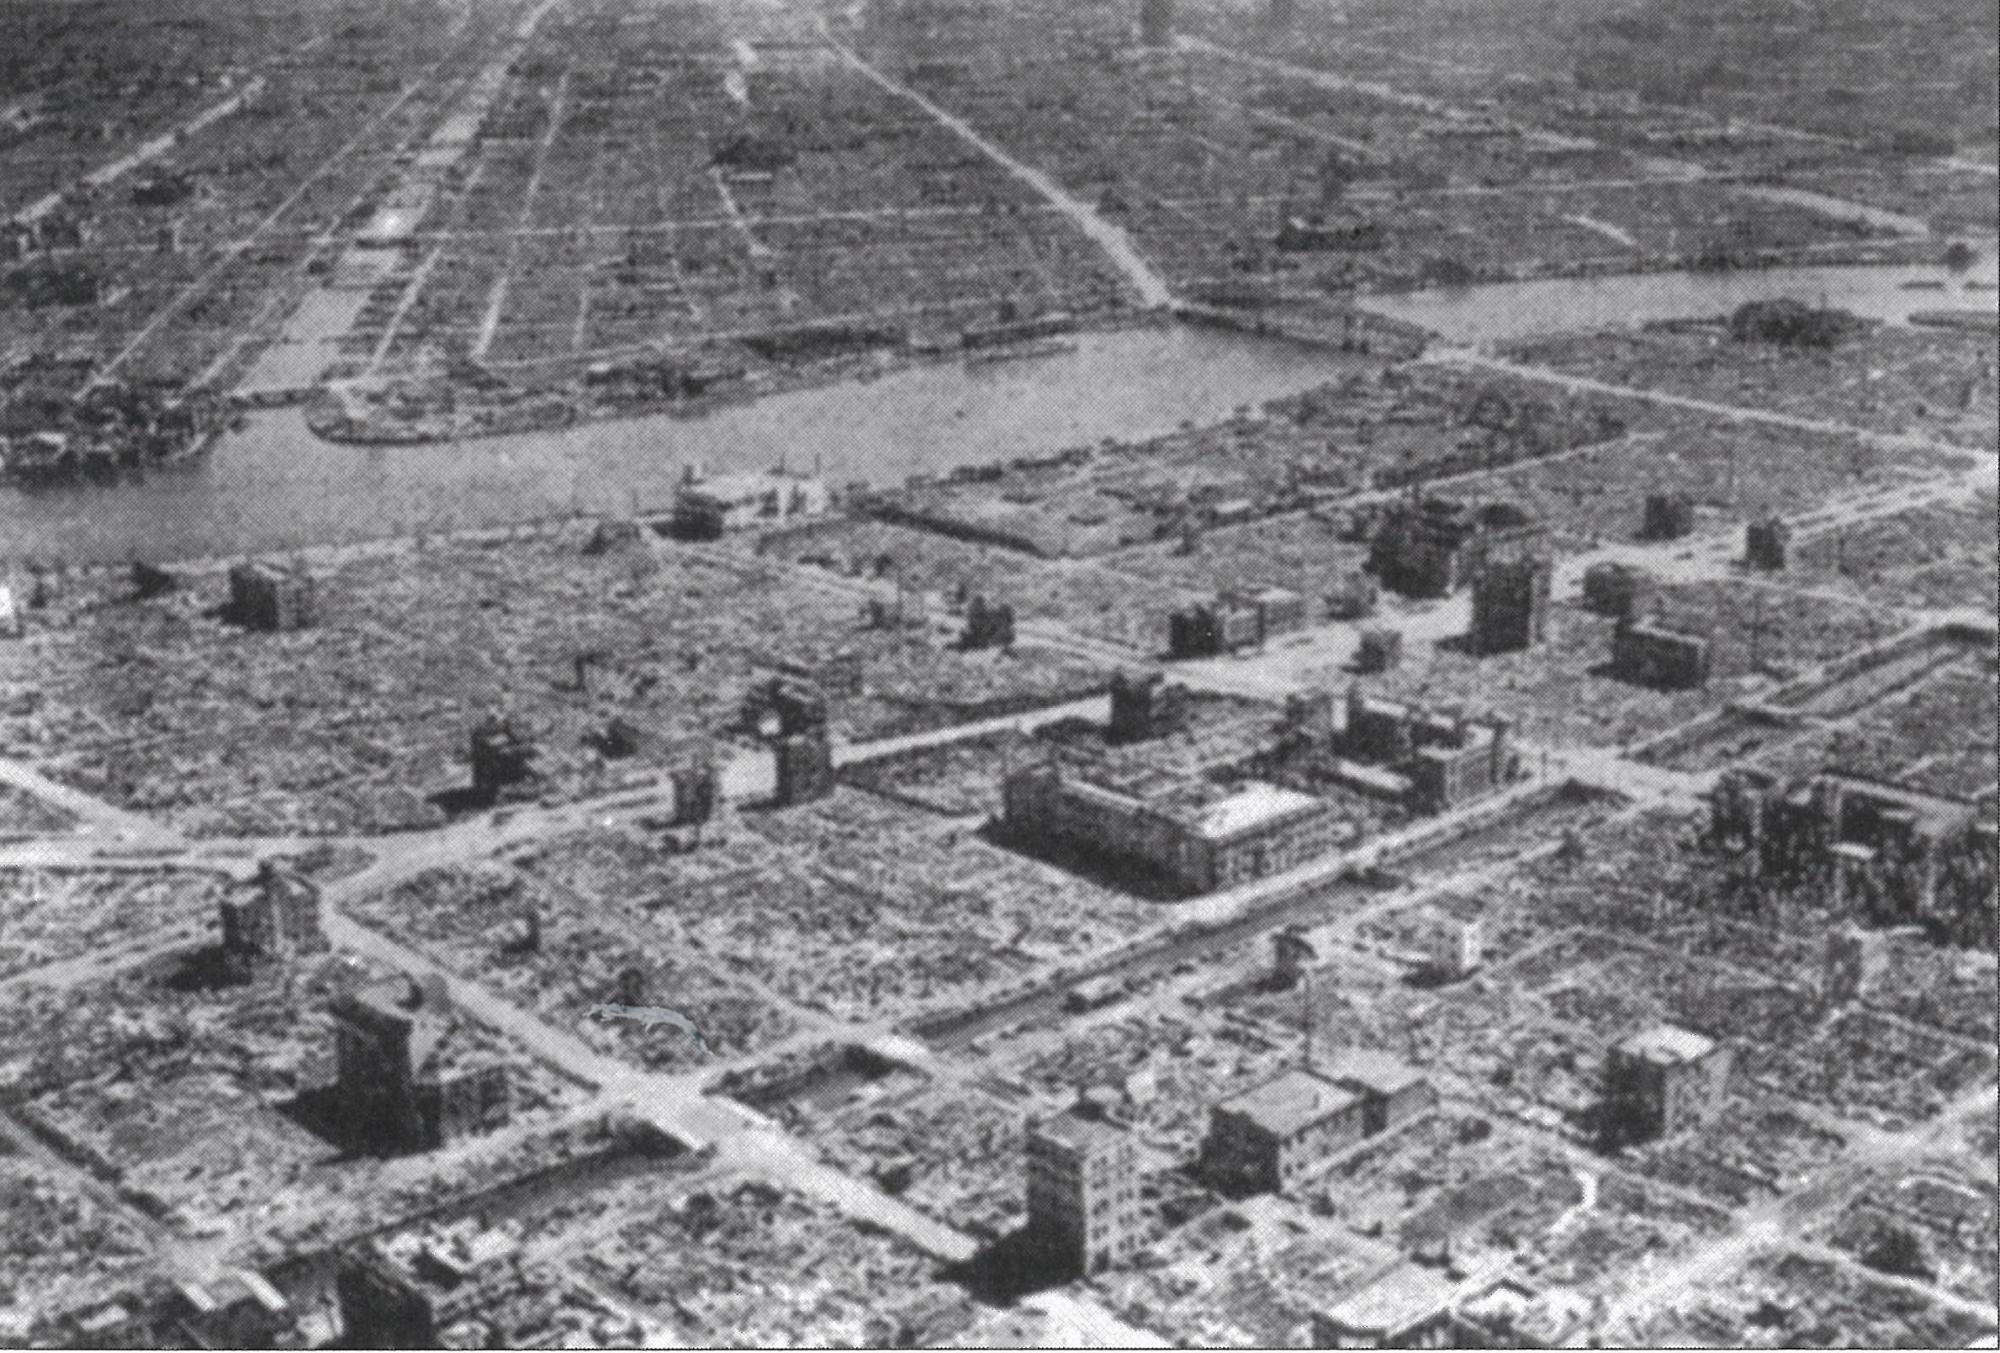 焼け野原となった錦糸町